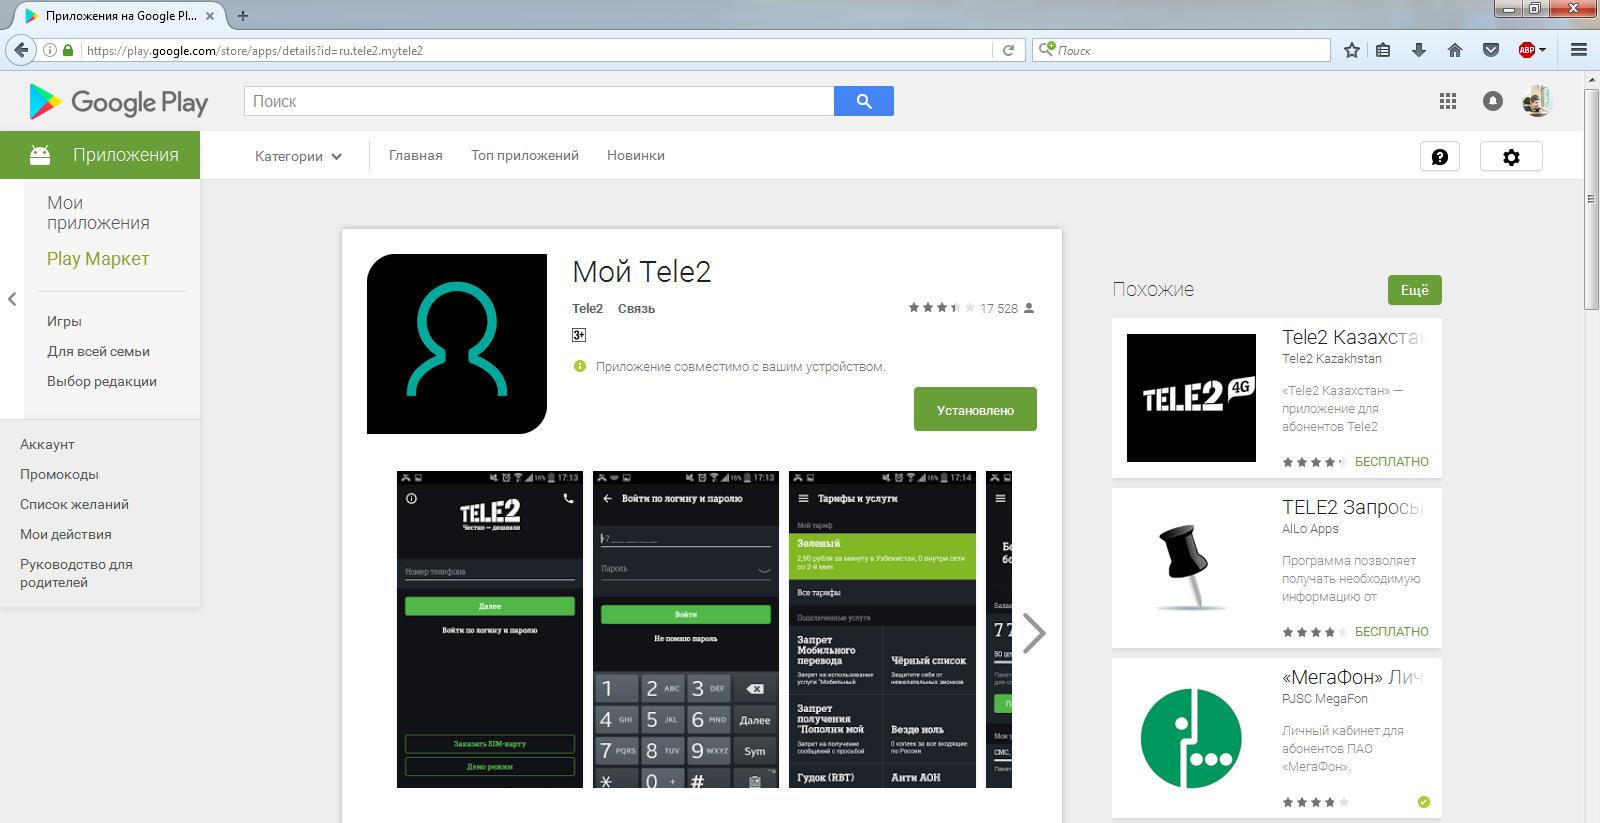 tele2-moblk-googlep